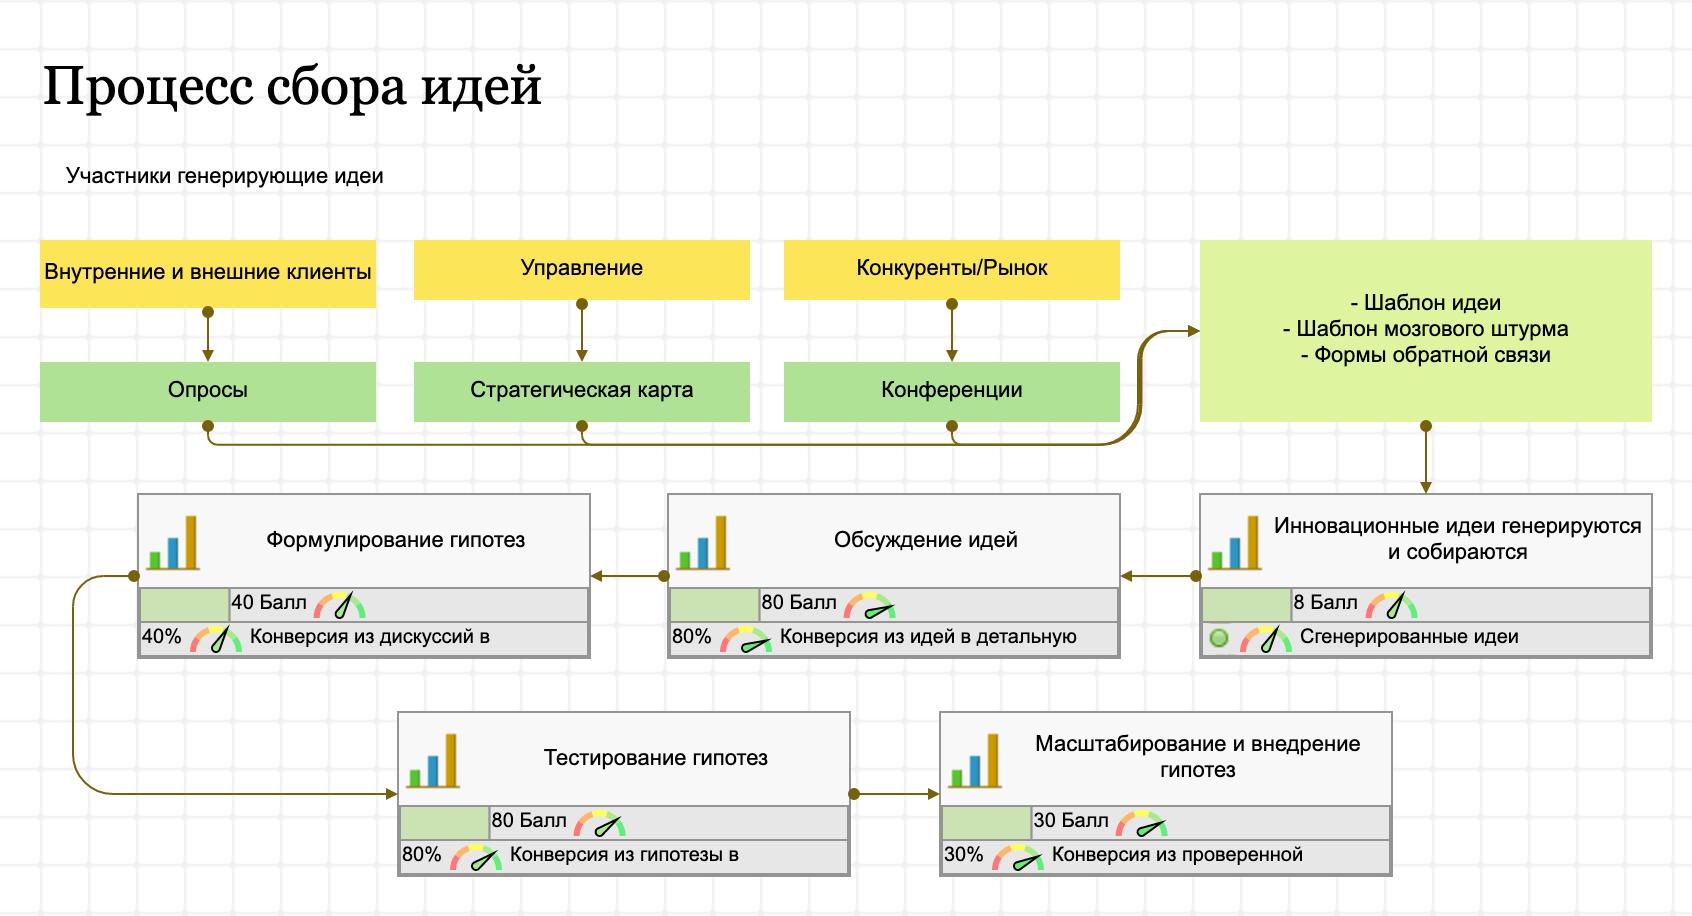 Карта процесса показывает, как в вашей организации собирают и тестируют идеи инноваций